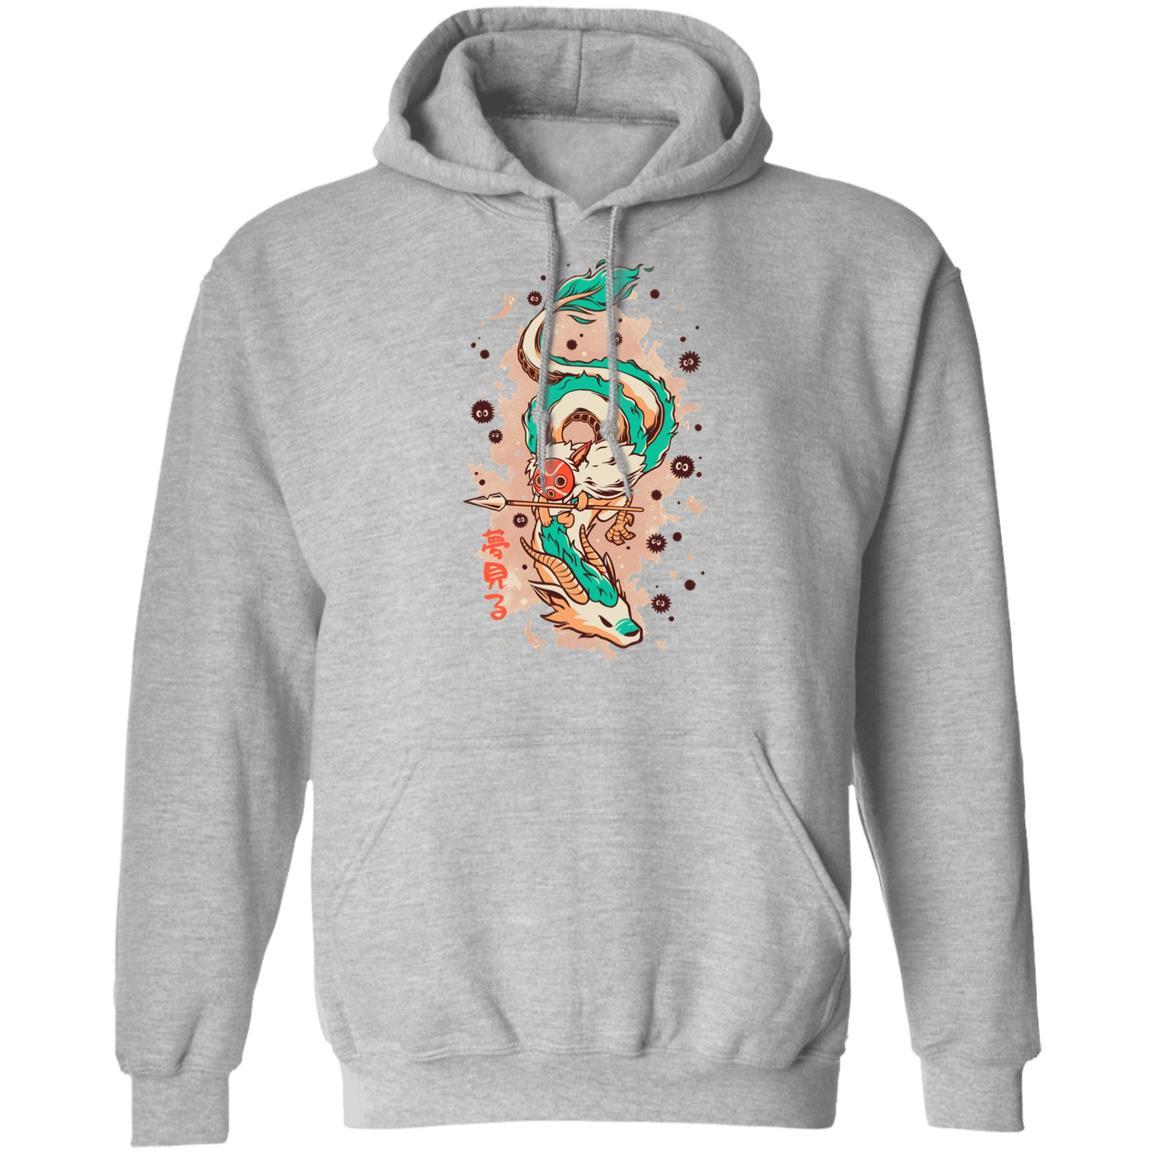 Princess Mononoke on the Dragon Hoodie